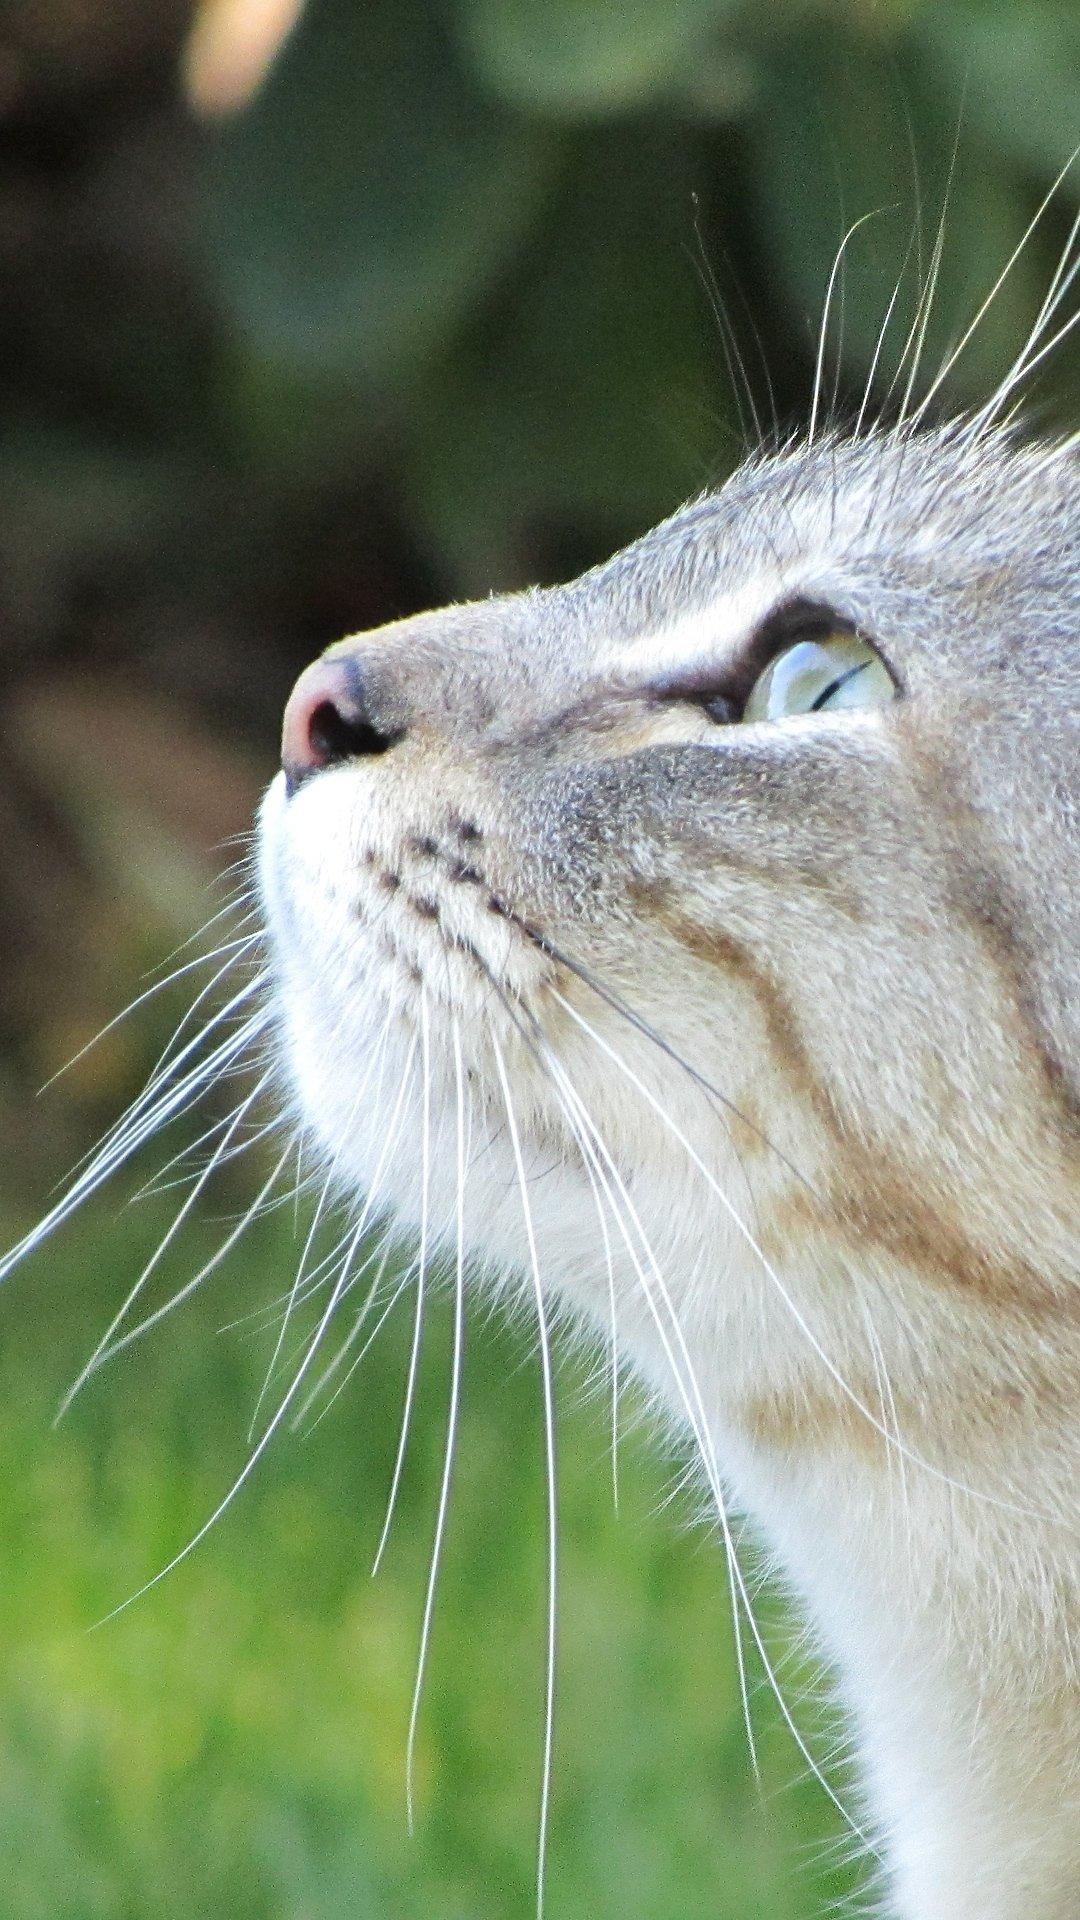 猫 25枚 スマホ壁紙 待受 19 1080 縦長フルhd Android Iphone スマホ壁紙 待ち受けブログ 仮 Android Iphone